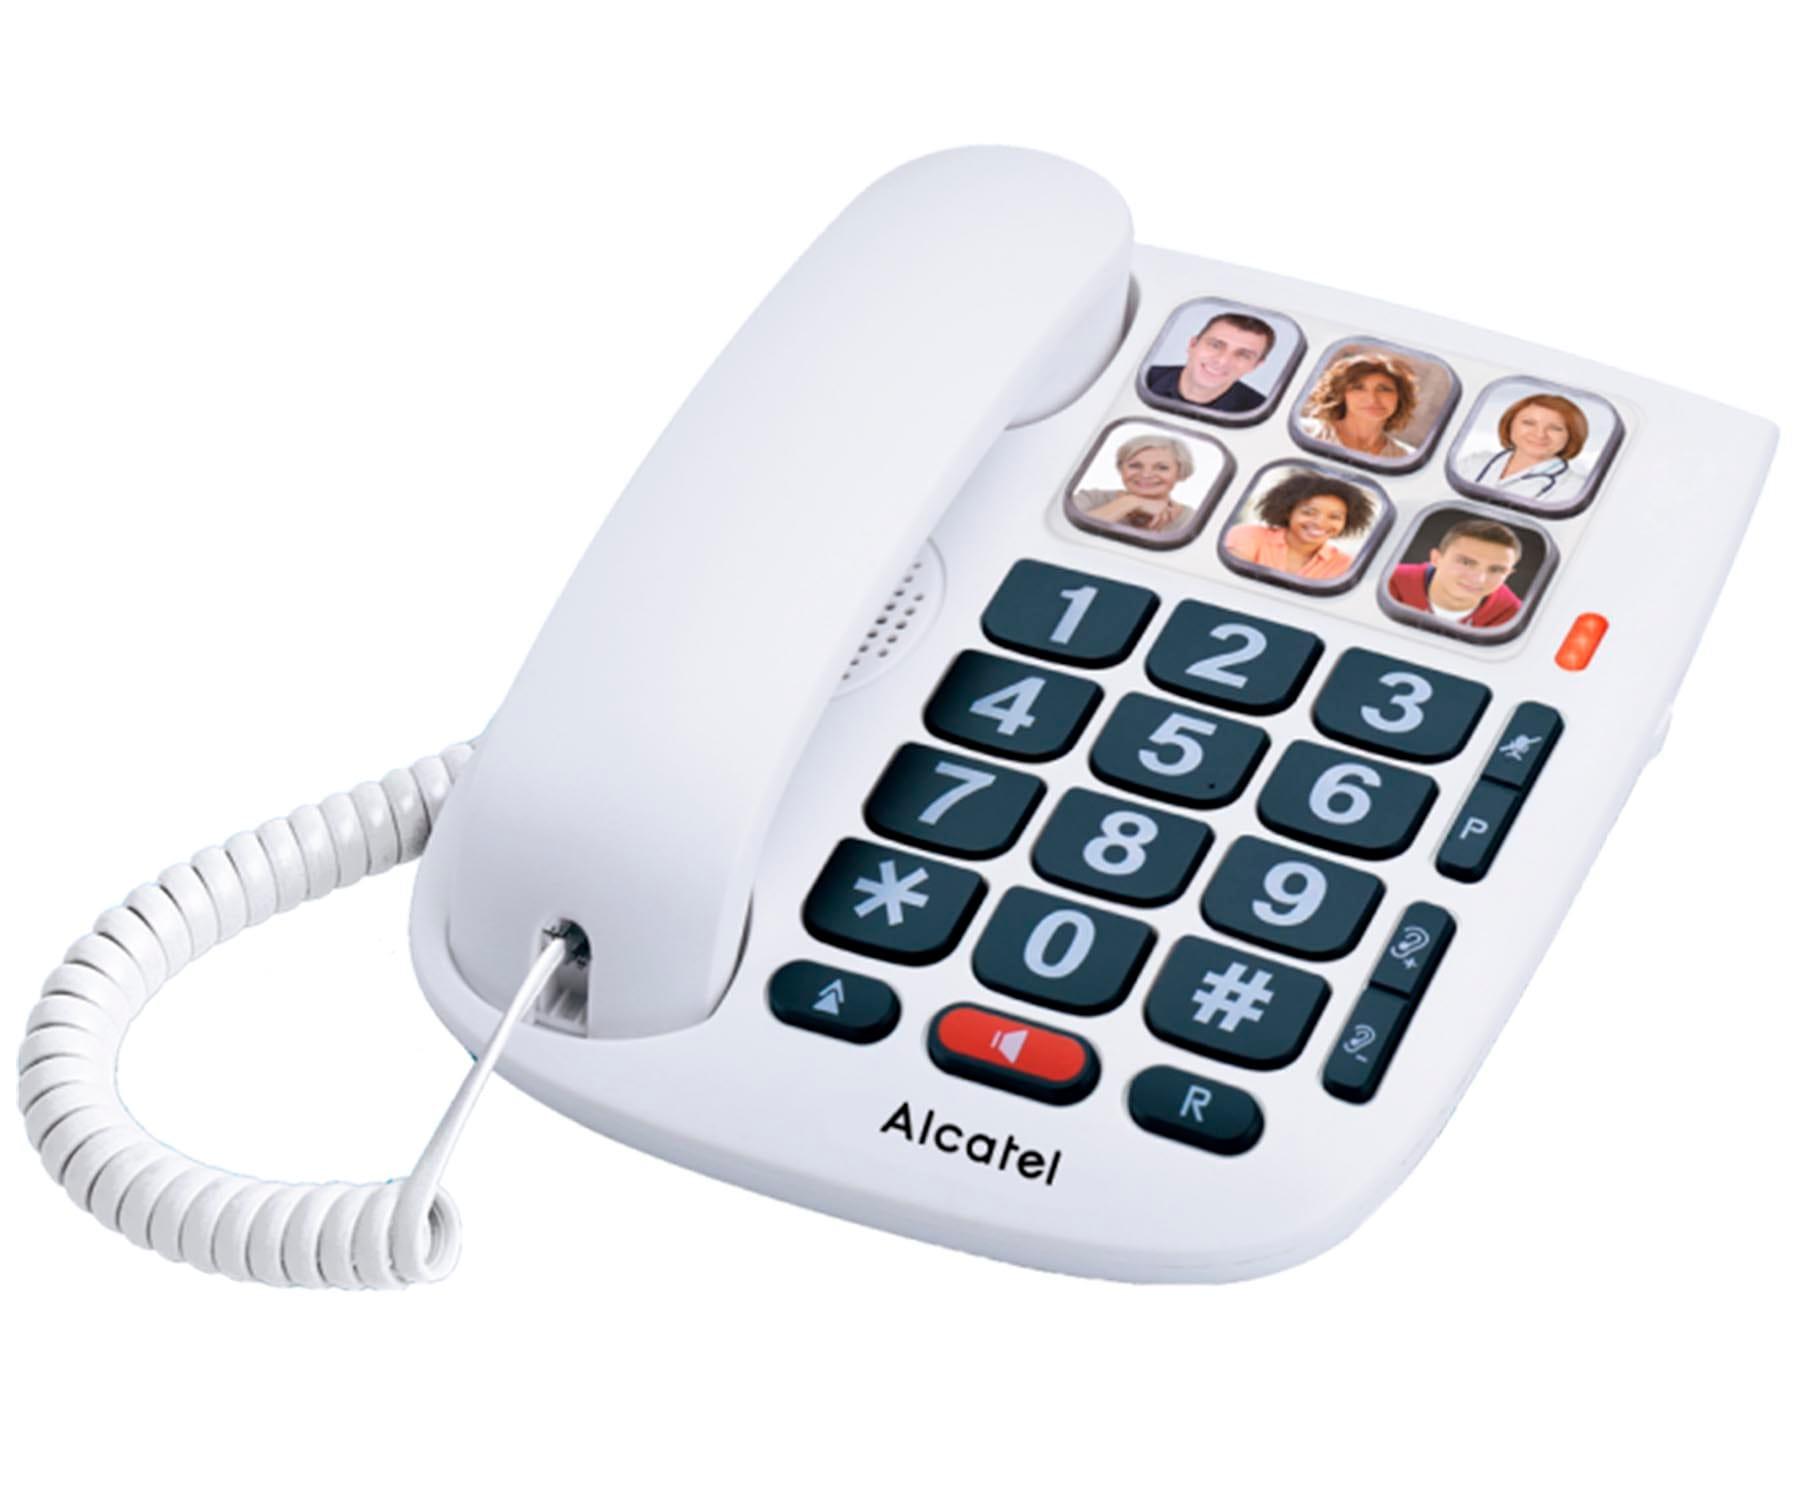 ALCATEL TMAX10 BLANCO TELÉFONO FIJO CON CABLE TECLAS GRANDES MANOS LIBRES